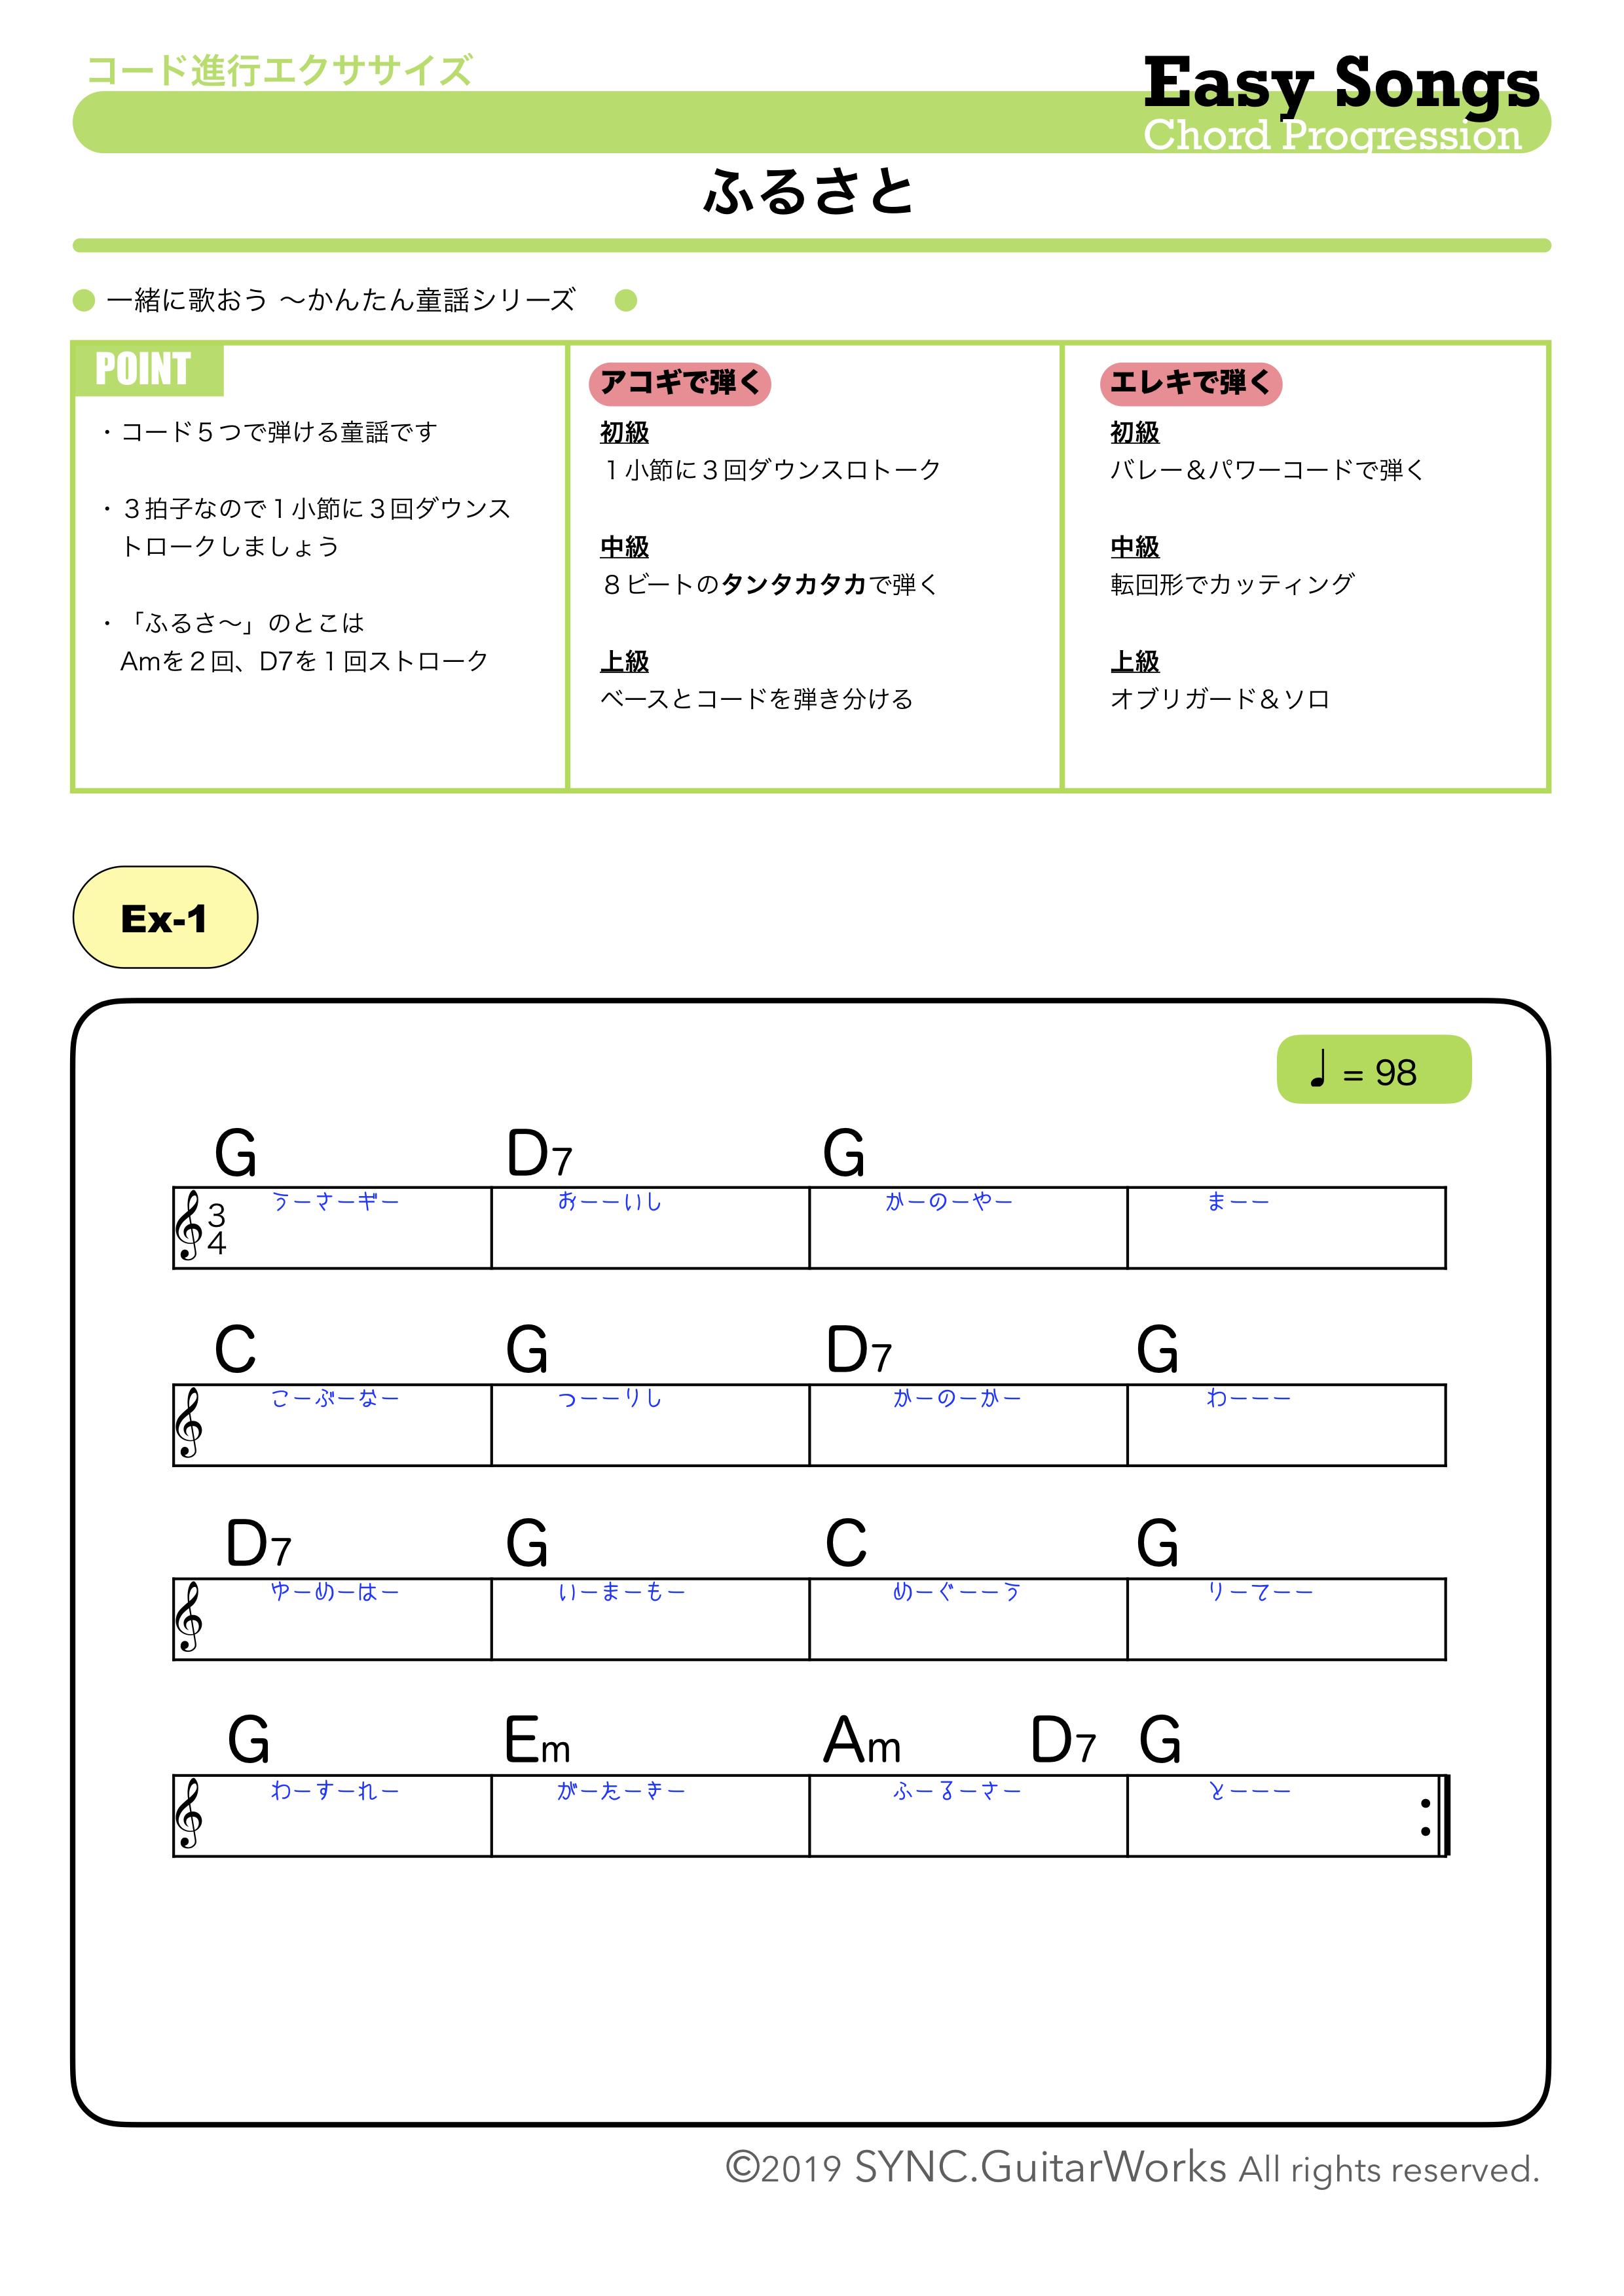 カントリー ロード コード 簡単